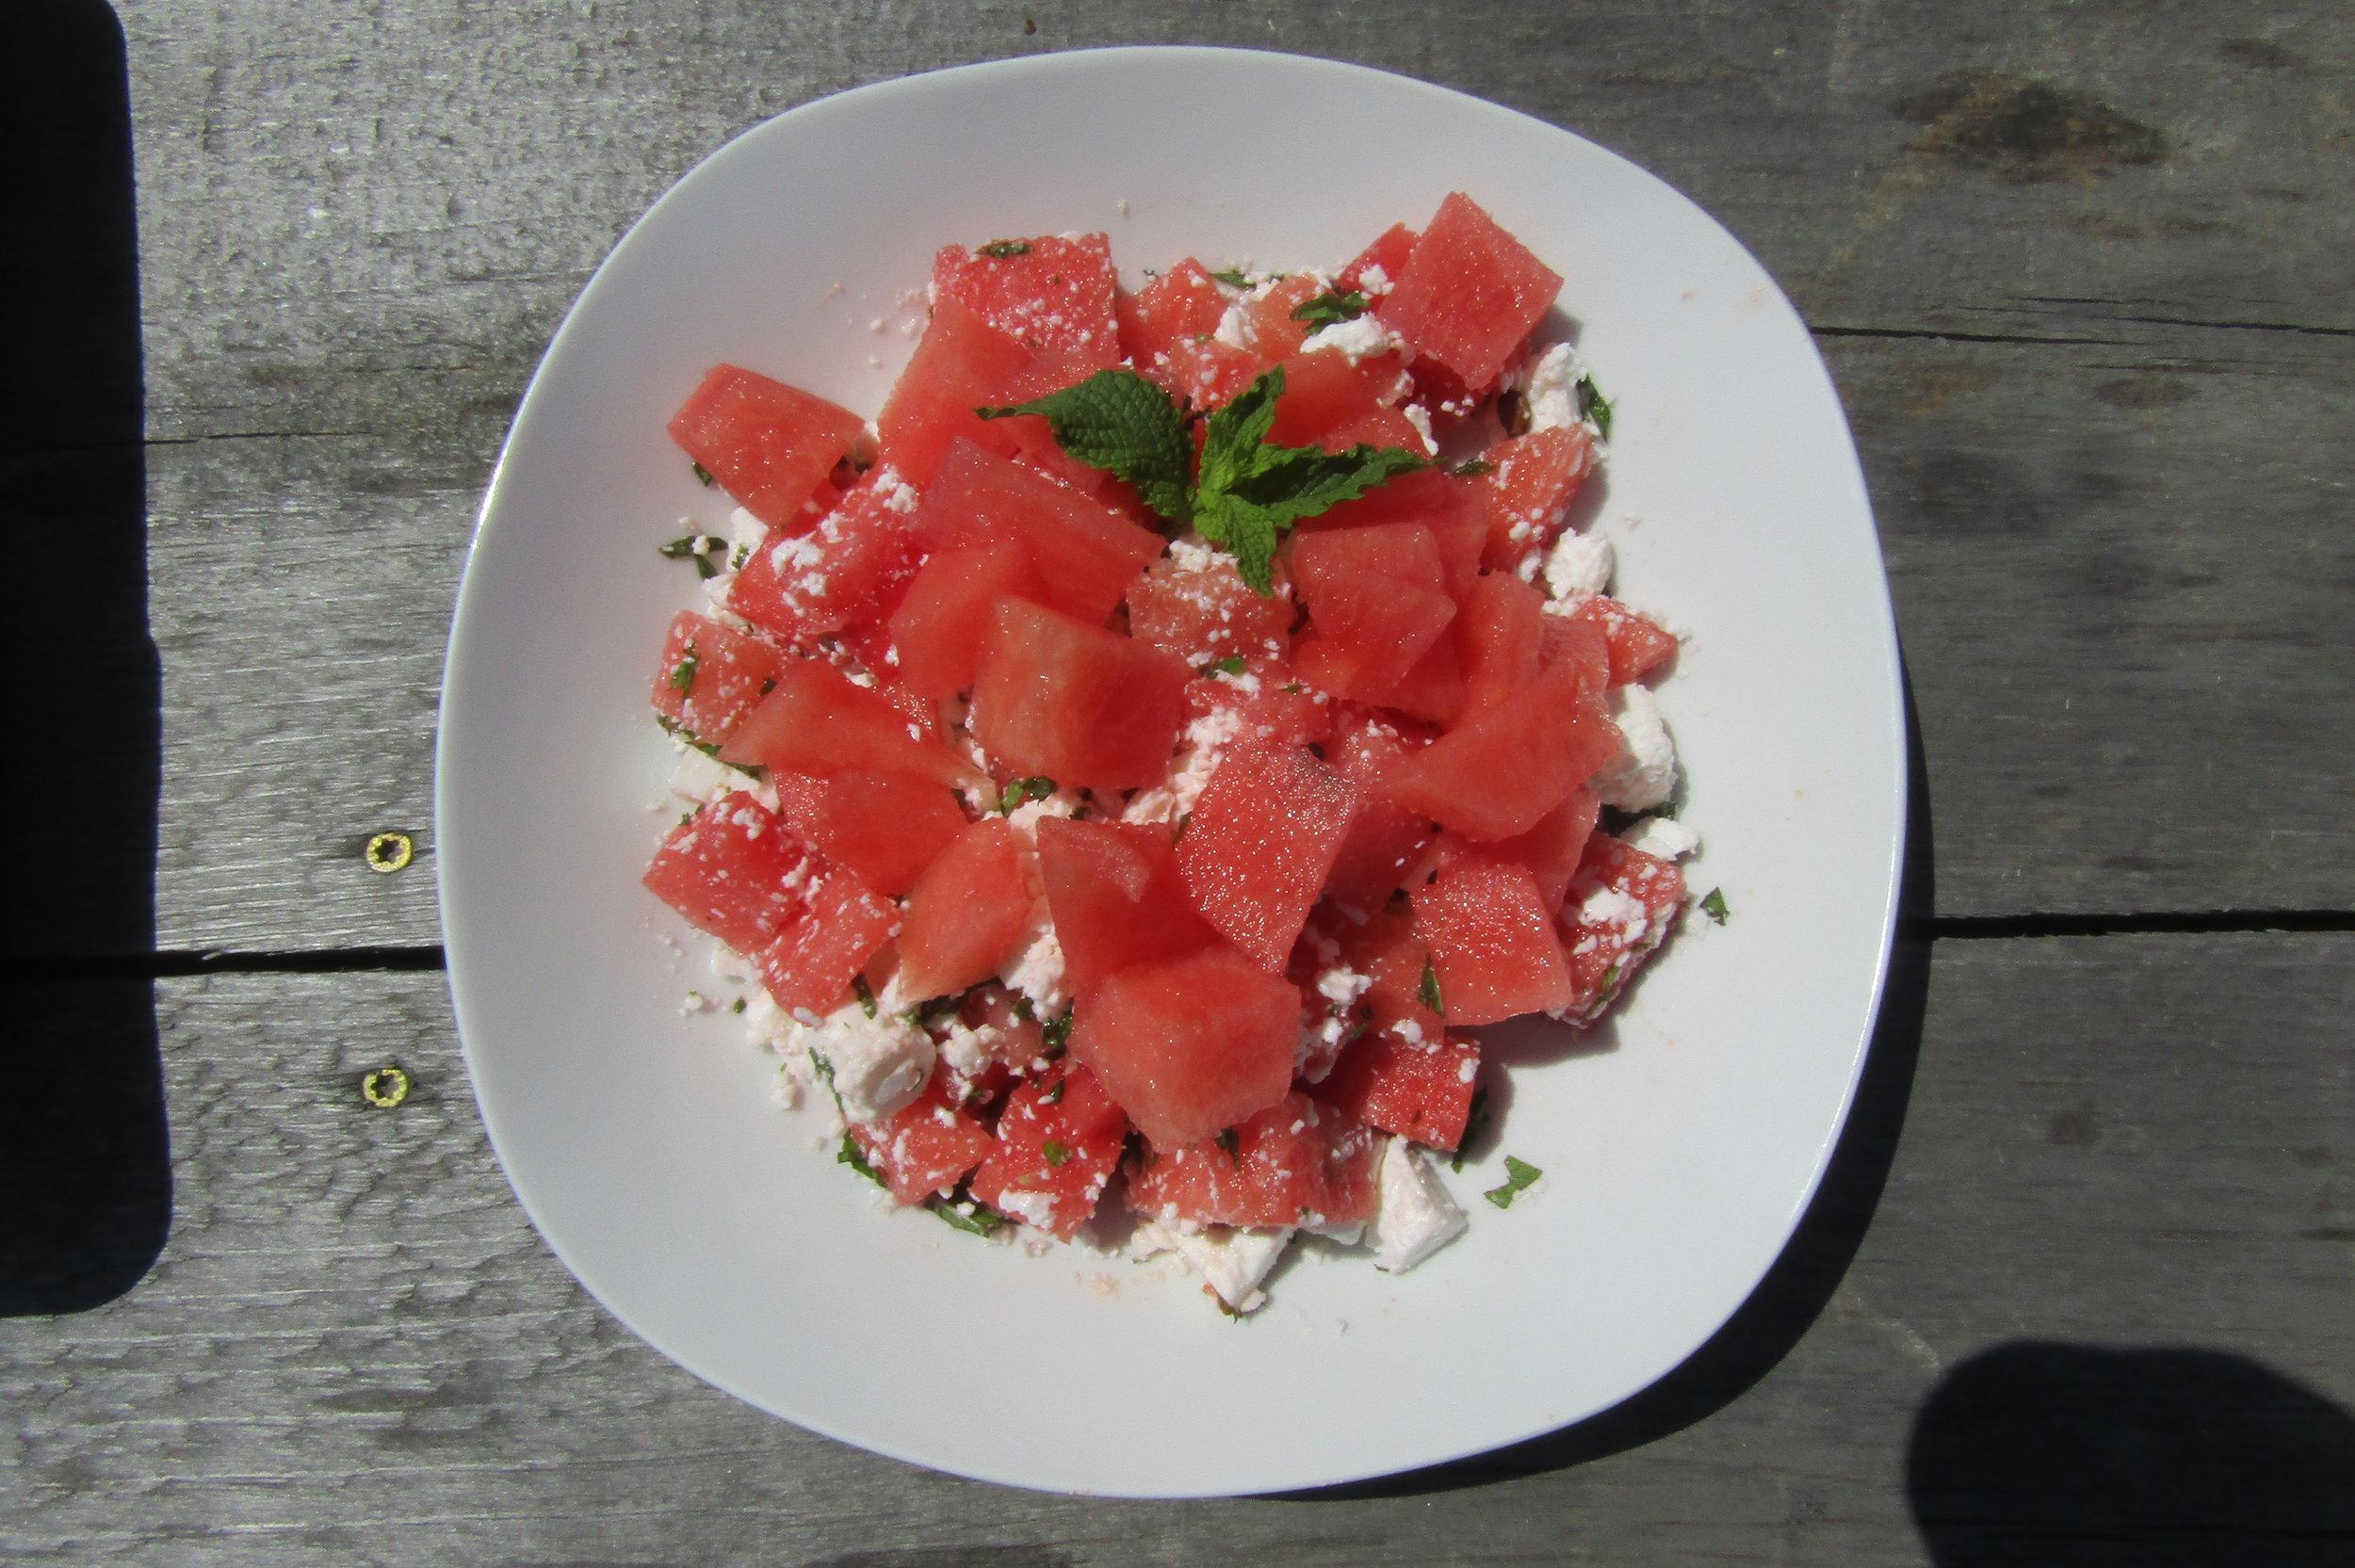 Watermelon-Feta Salad with Mint